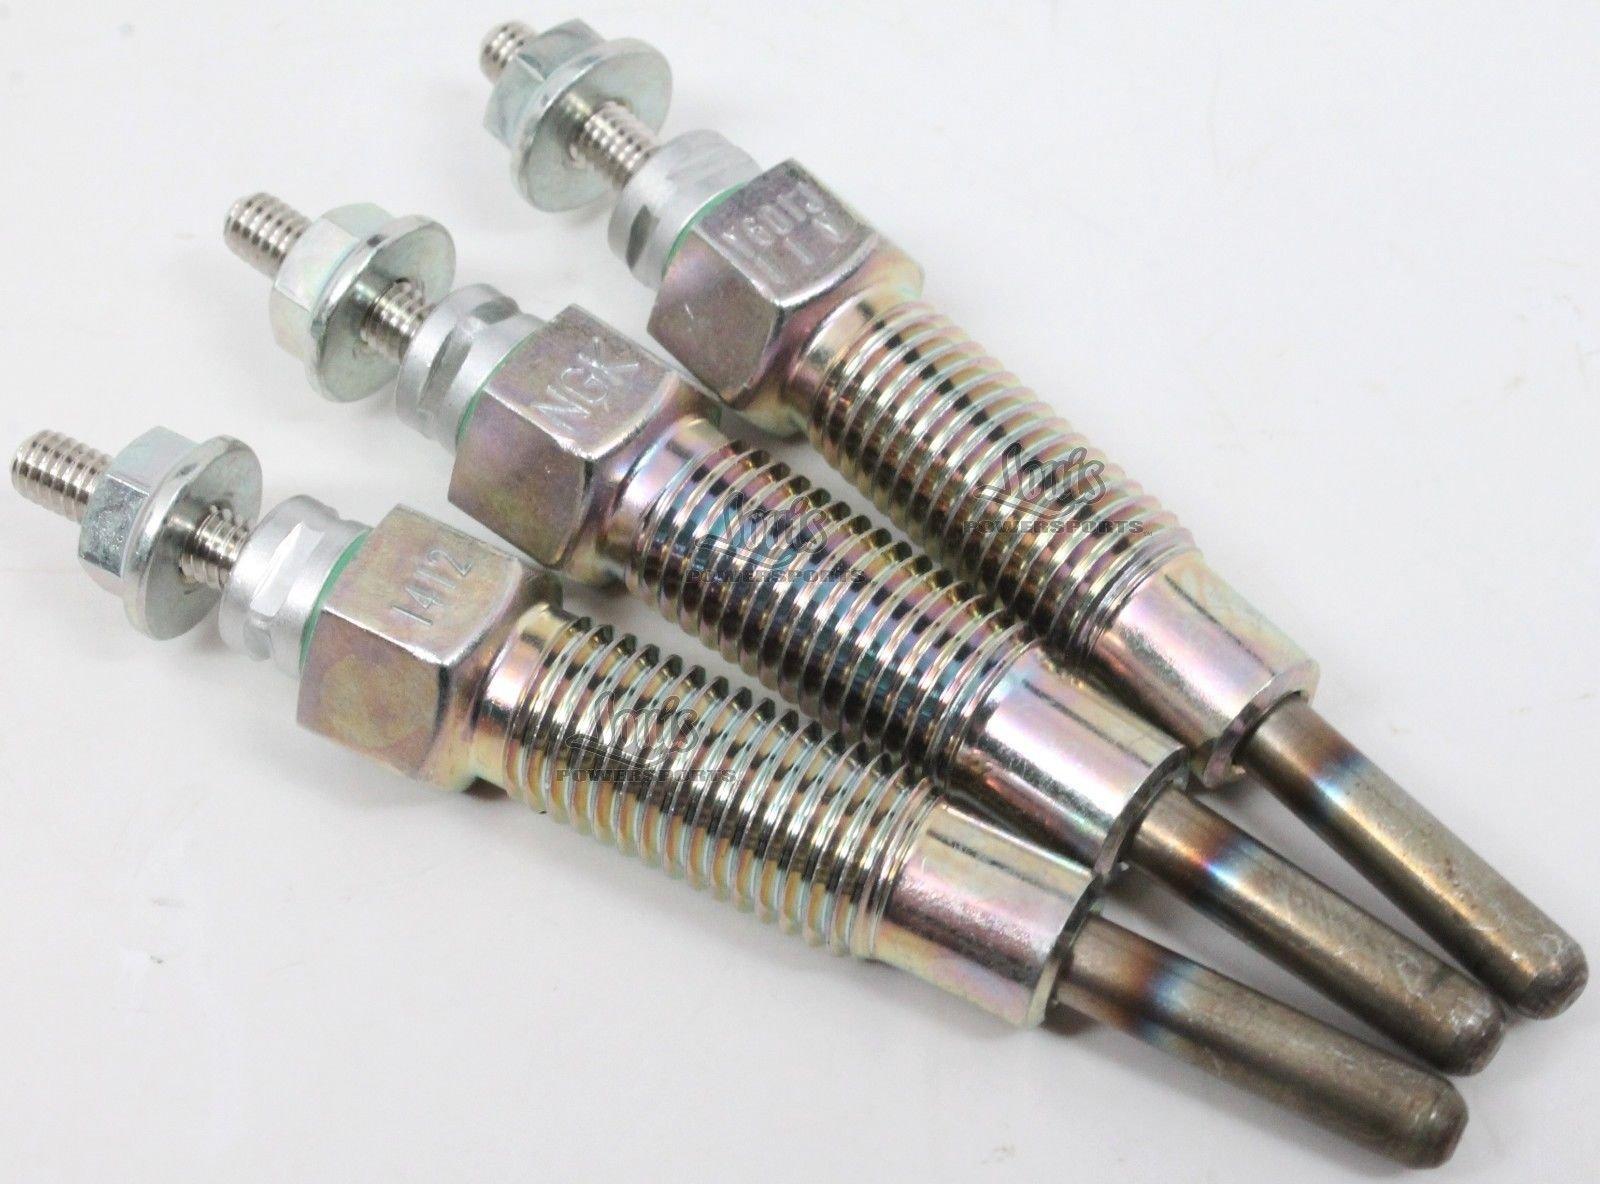 Kawasaki Mule 2510 3010 4010 Diesel 2000-2013 3 Pack Glow Plugs 49036-0001 New OEM